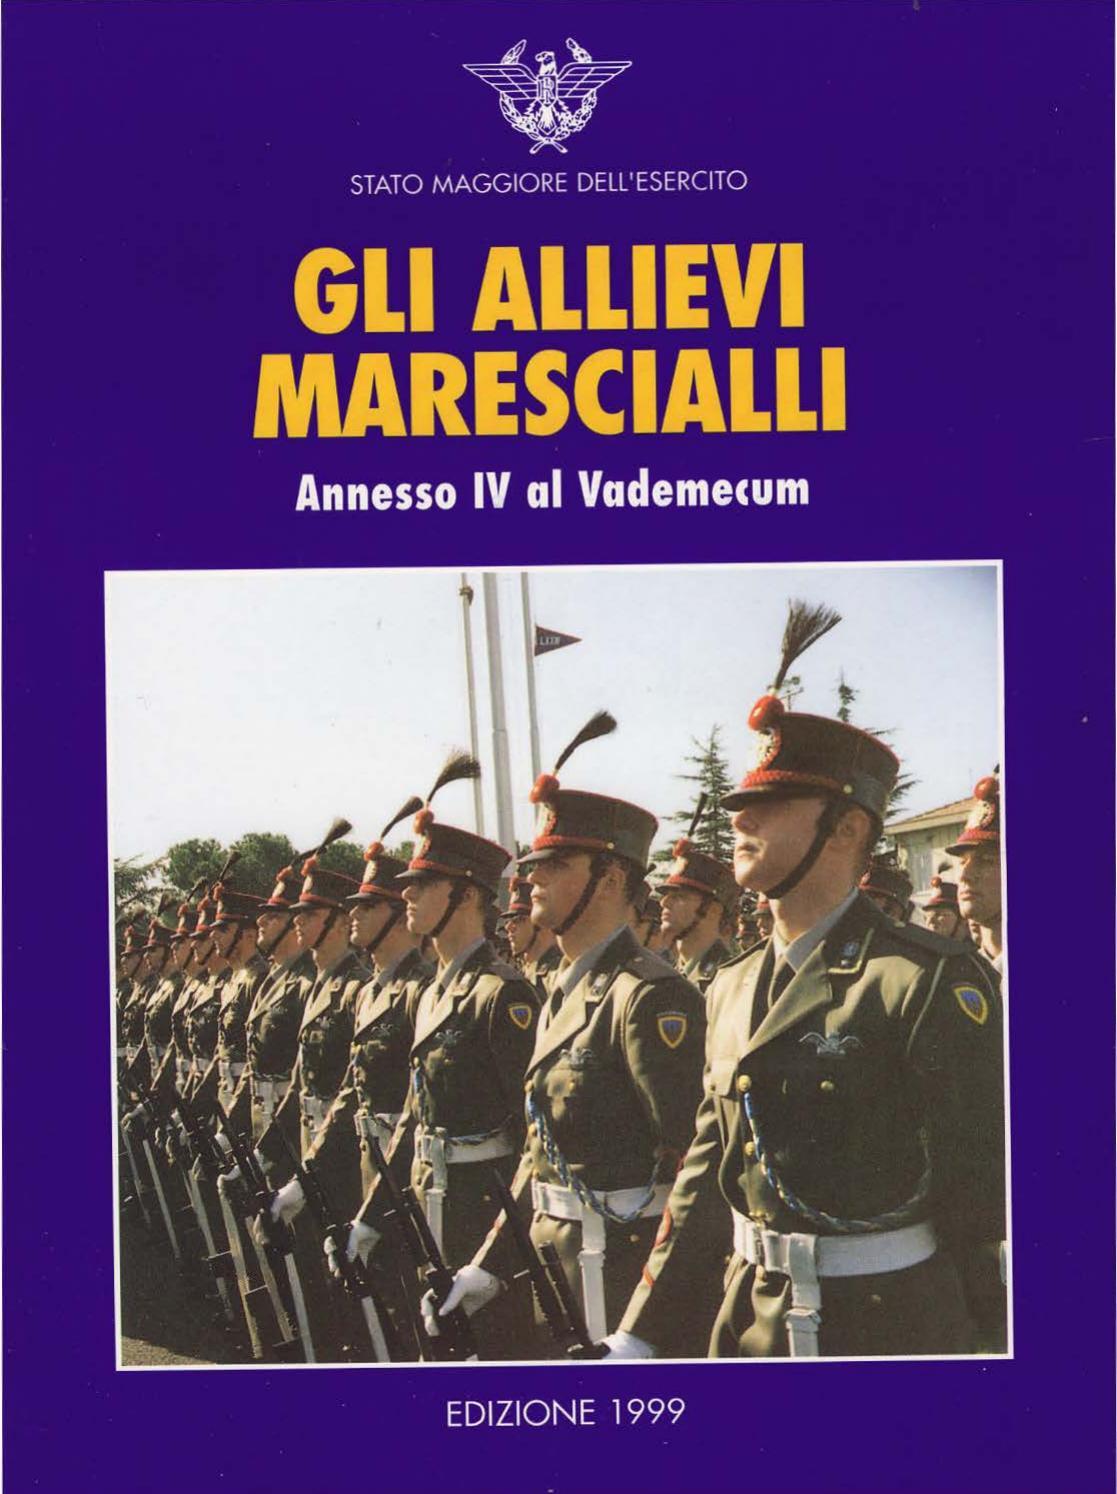 GLI ALLIEVI MARESCIALLI by Biblioteca Militare - issuu 3b0e5b8a4680